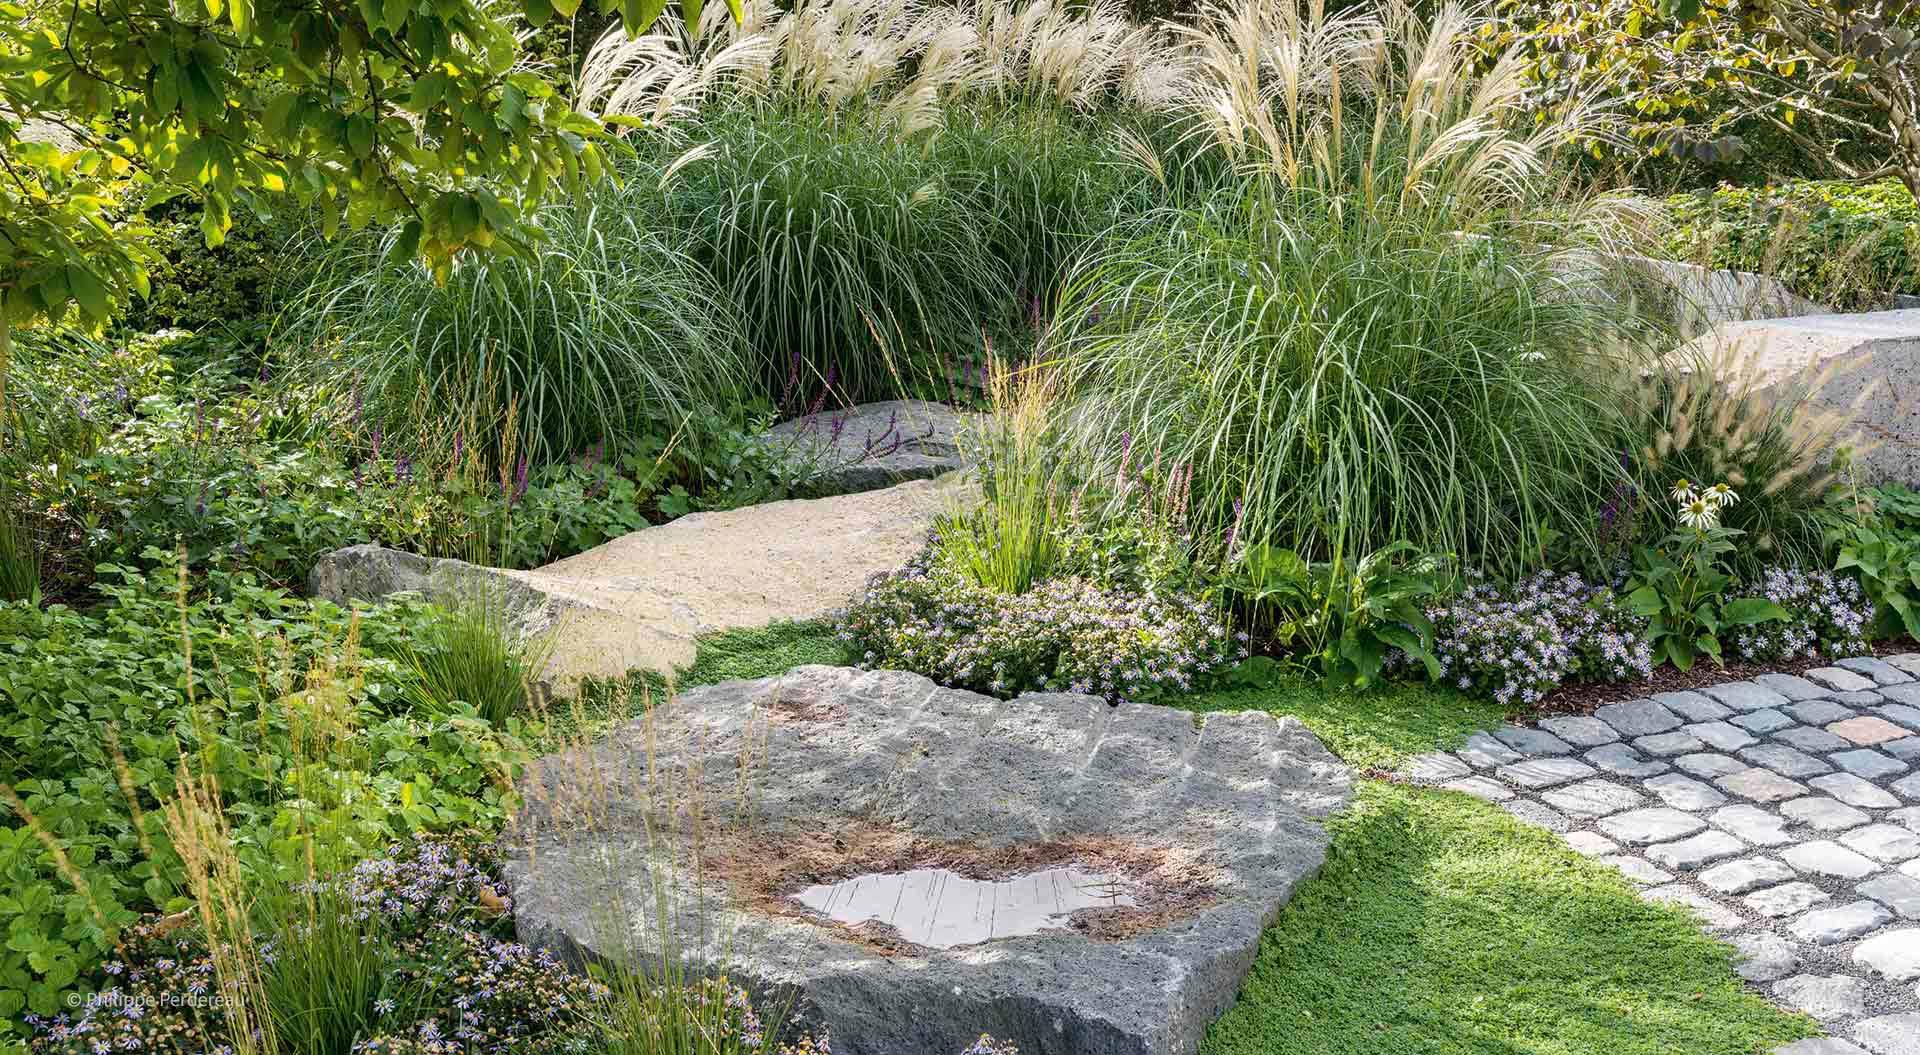 Pflanzen und Steine im Garten